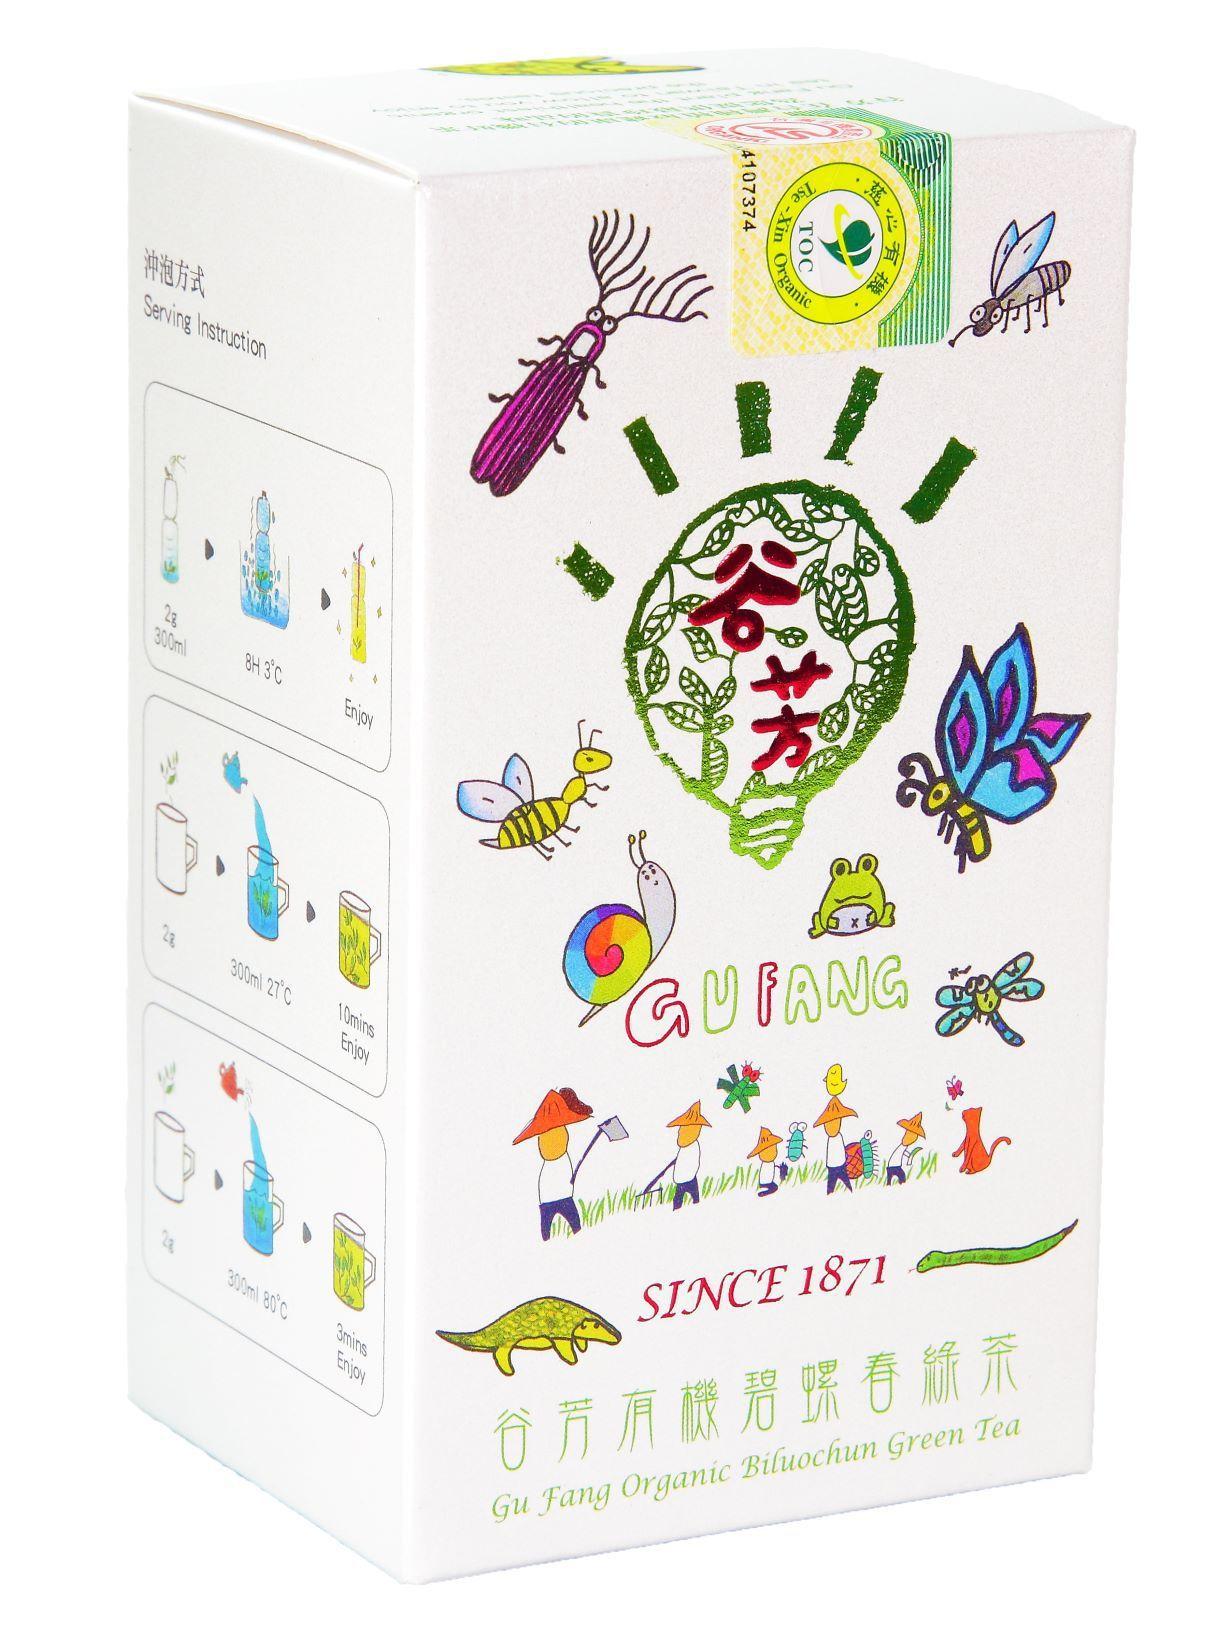 谷芳產品外包裝更是孩子們活潑充滿童趣的意象,也呈現一家人團結合作的成果。圖/新北...